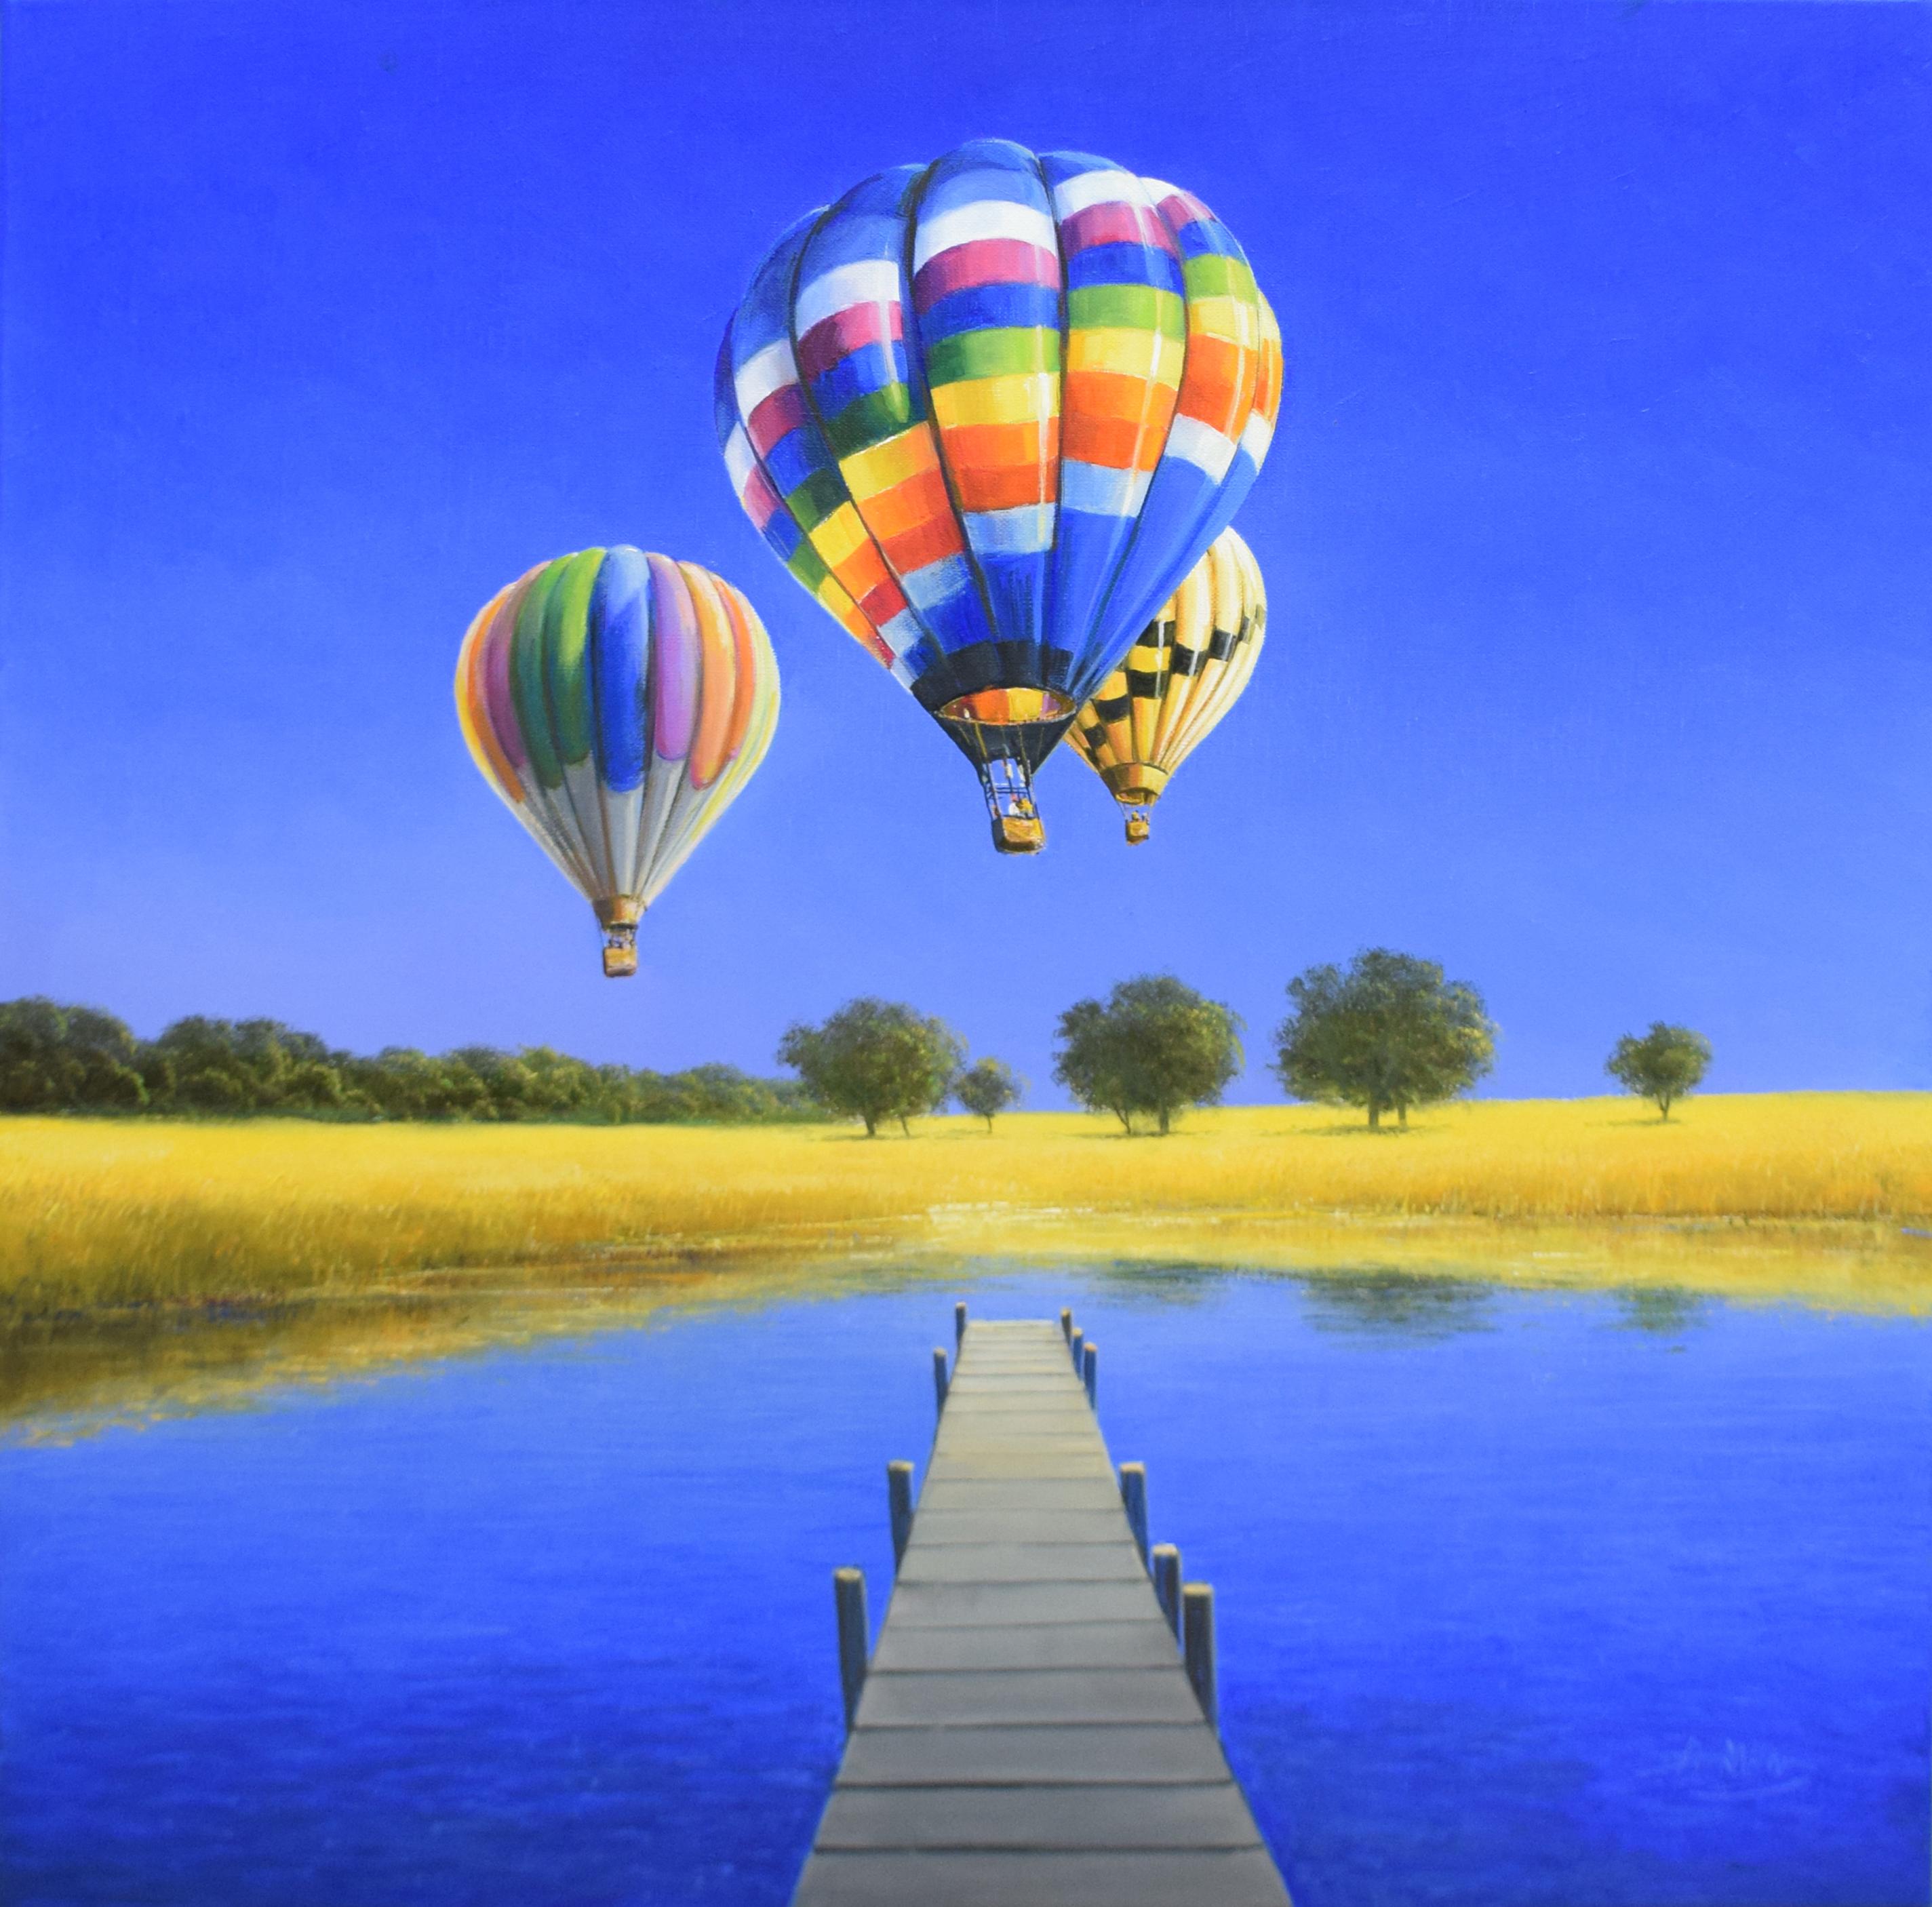 Detlef Rahn - Aufsteigende Heißluftballons , 7840-006-926